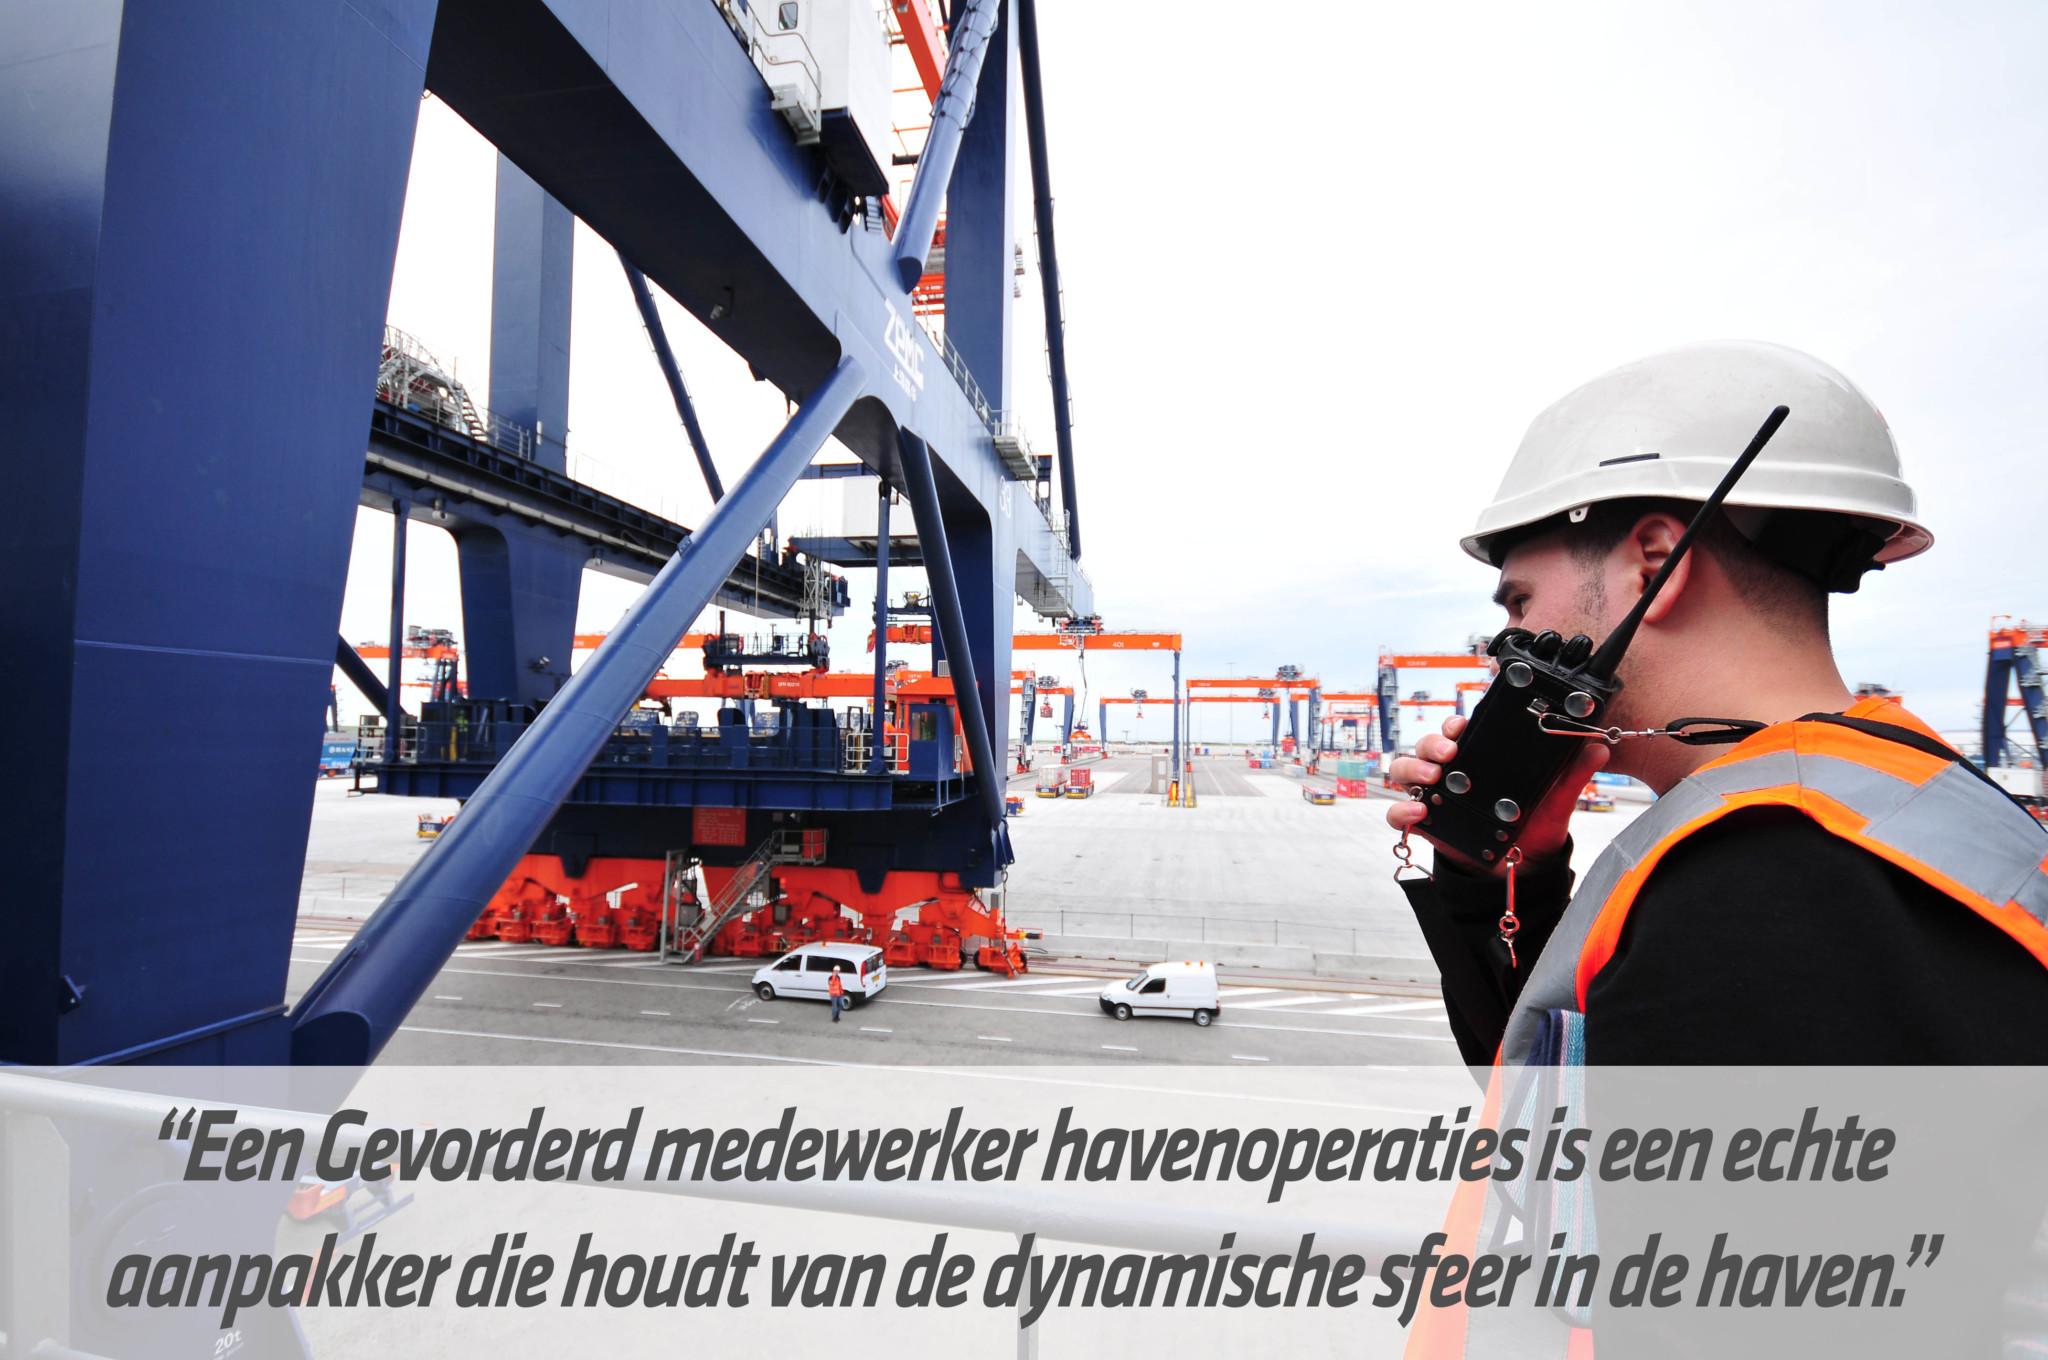 Mbo-opleiding Gevorderd medewerker havenoperaties | STC mbo college Rotterdam